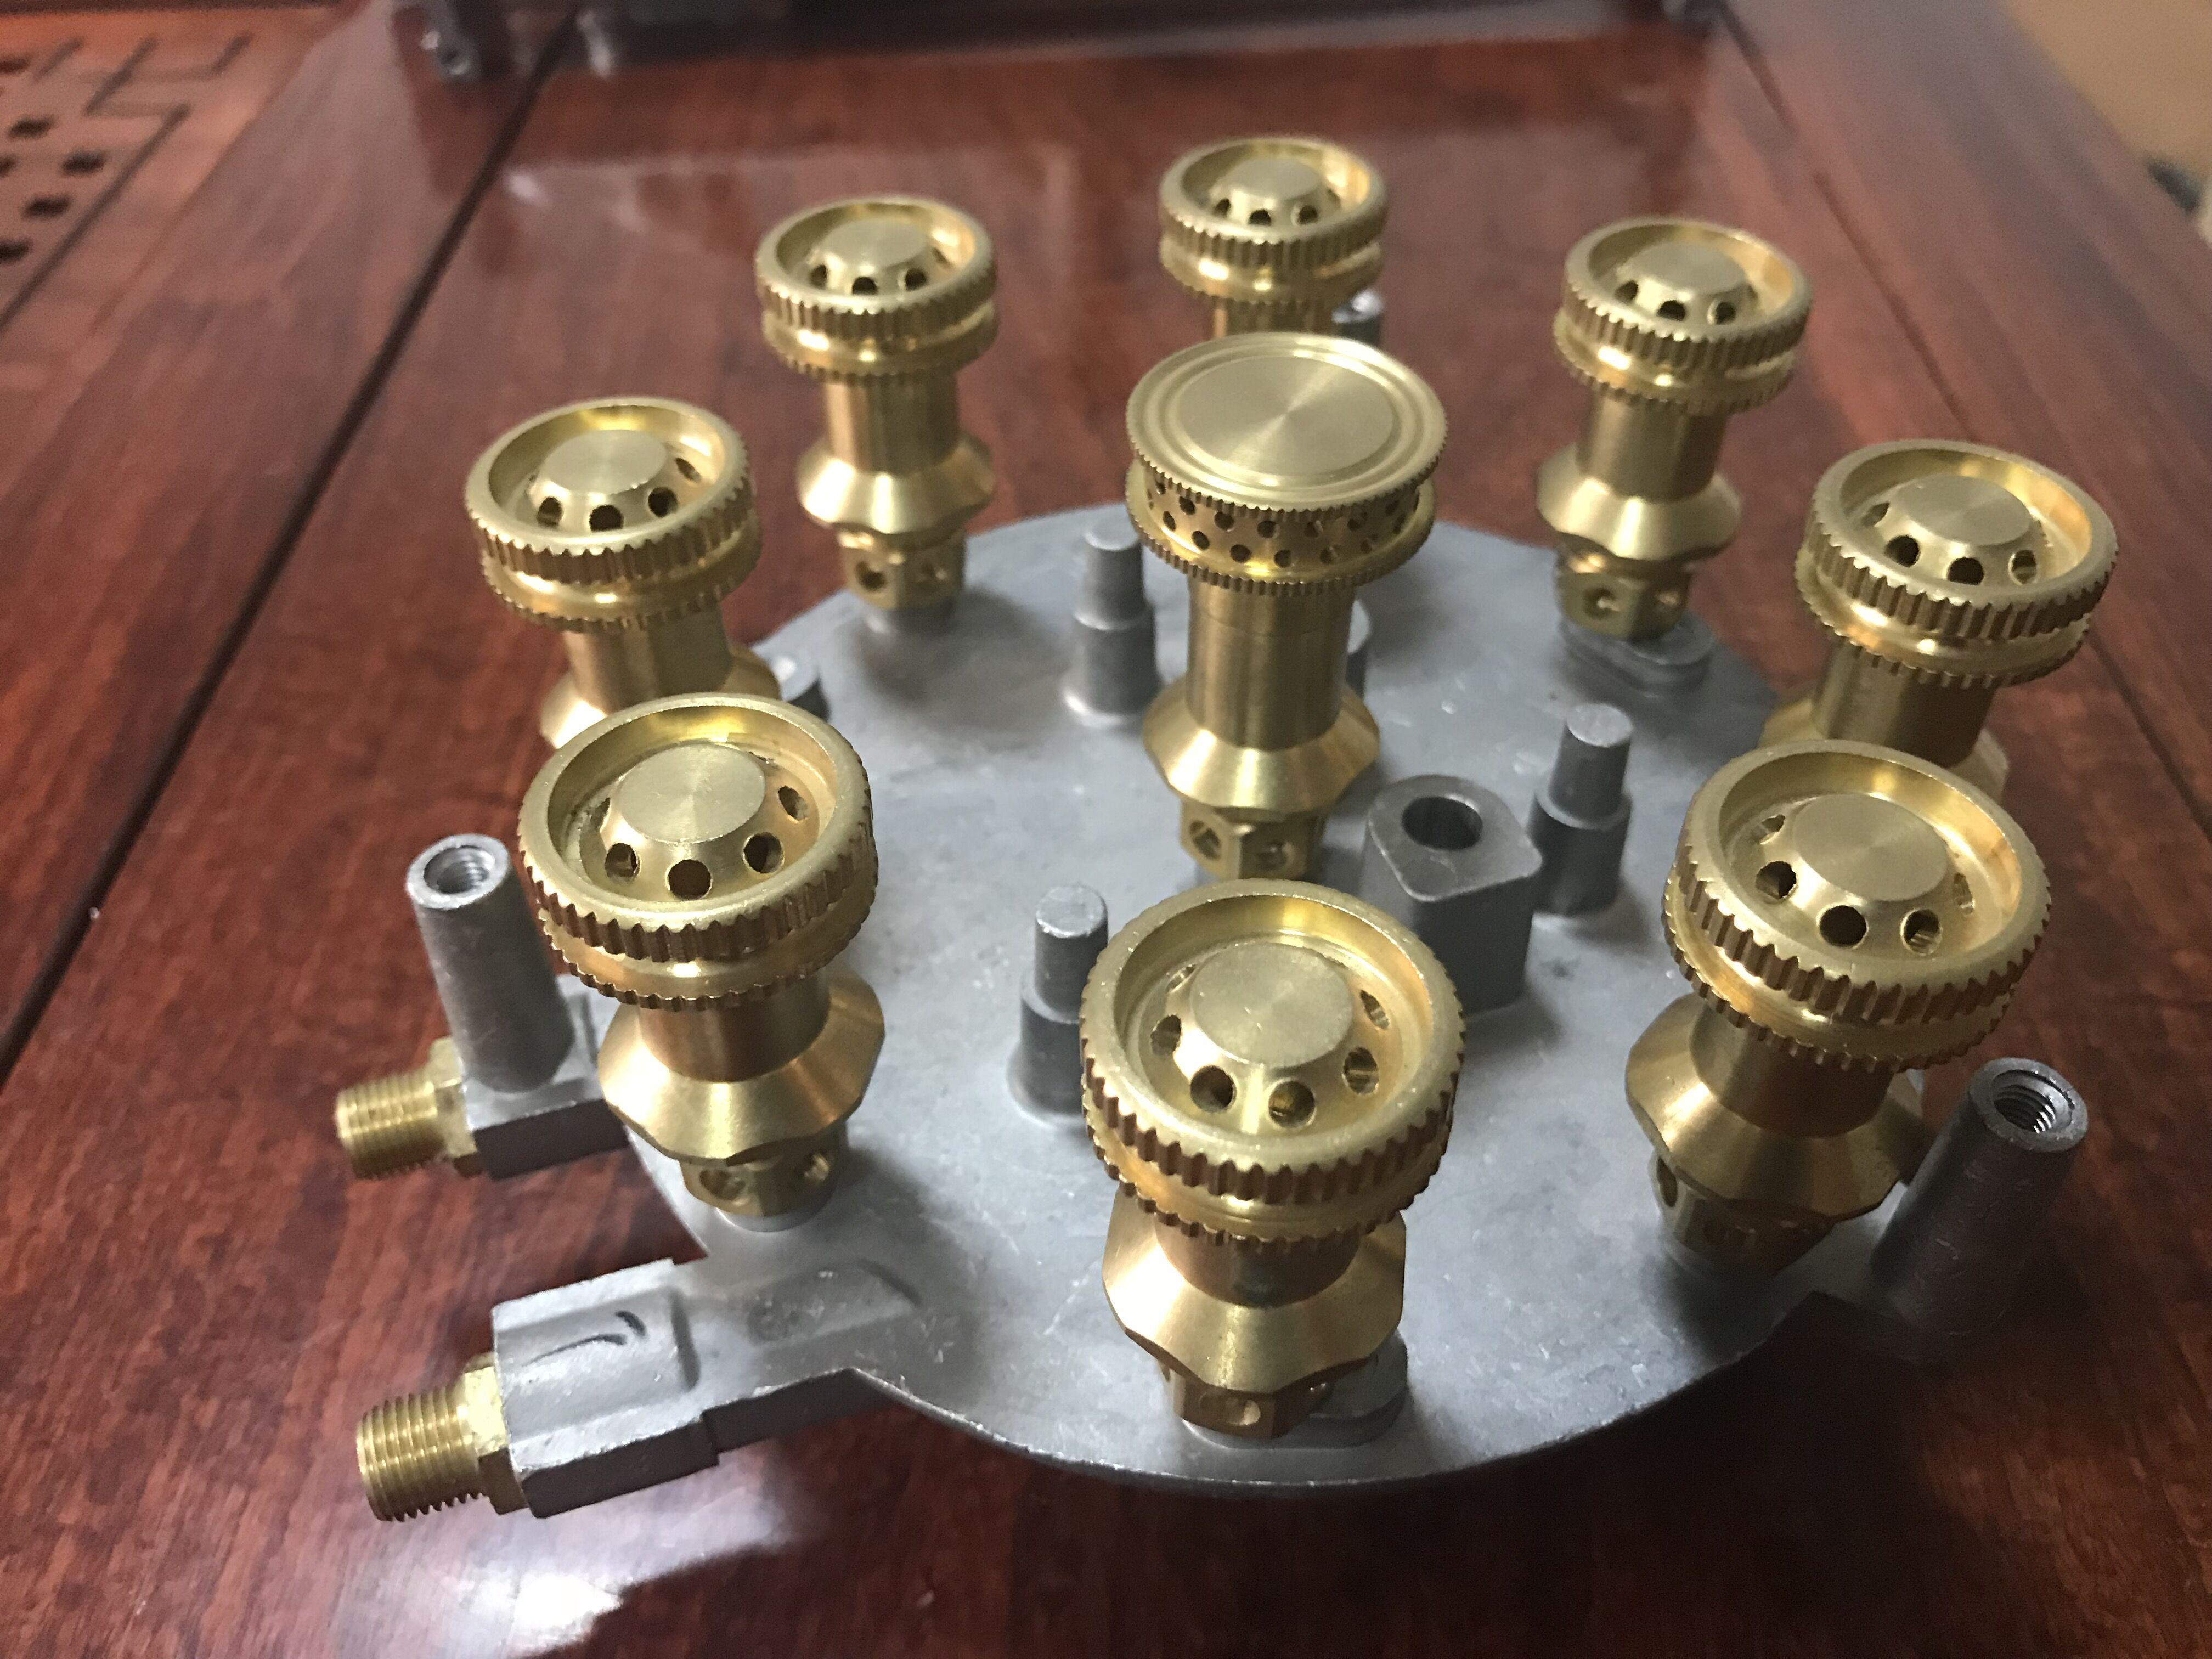 炉具配件哪里有得卖 铂业金属制品 铂业炉具配件的优势